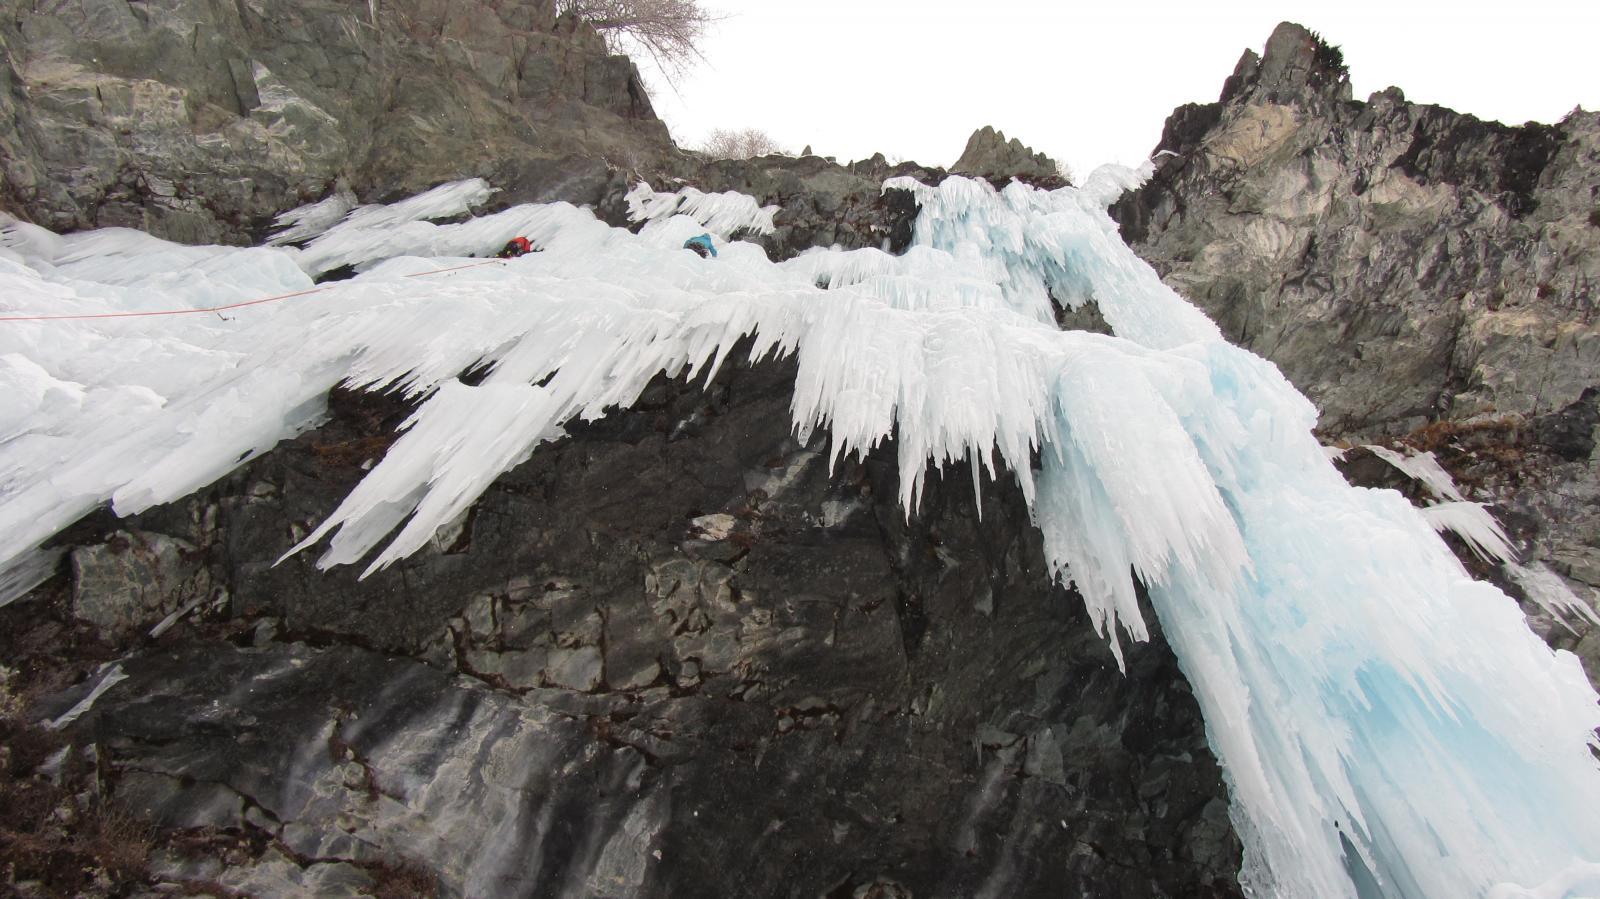 Uno sguardo alla cascata dalla base